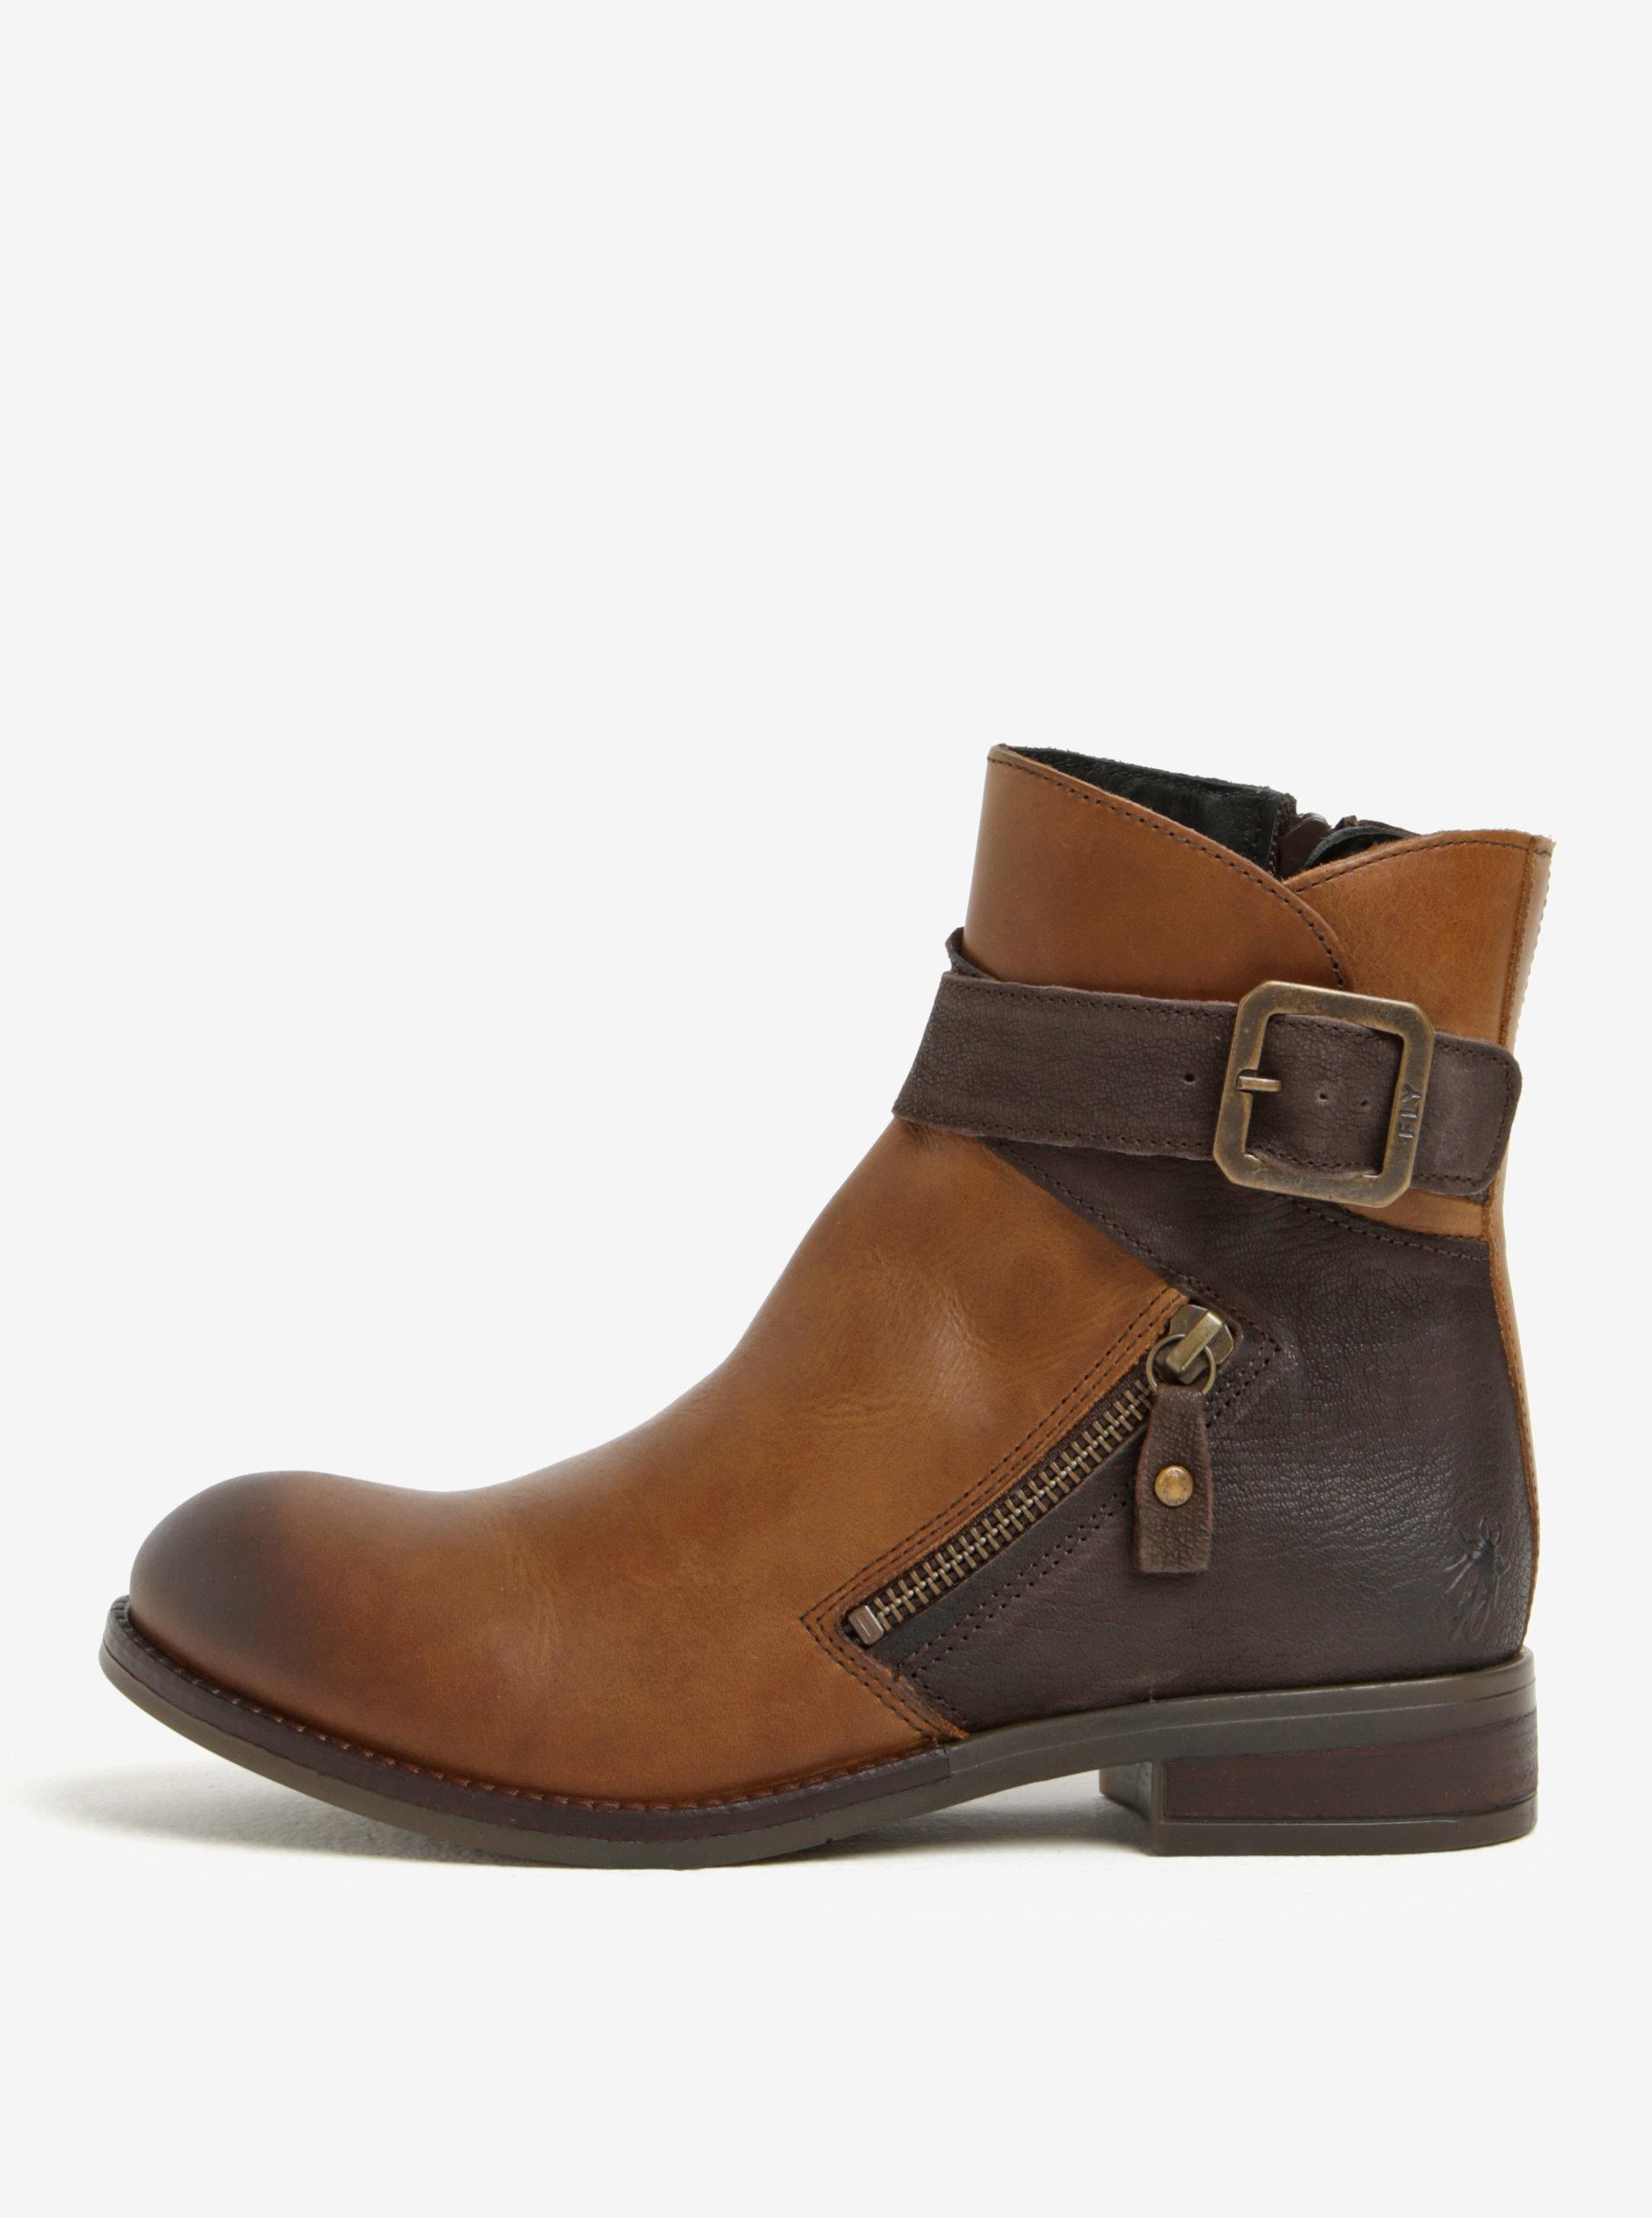 11c6a1d362 Hnedé dámske kožené členkové topánky s prackou Fly London ...